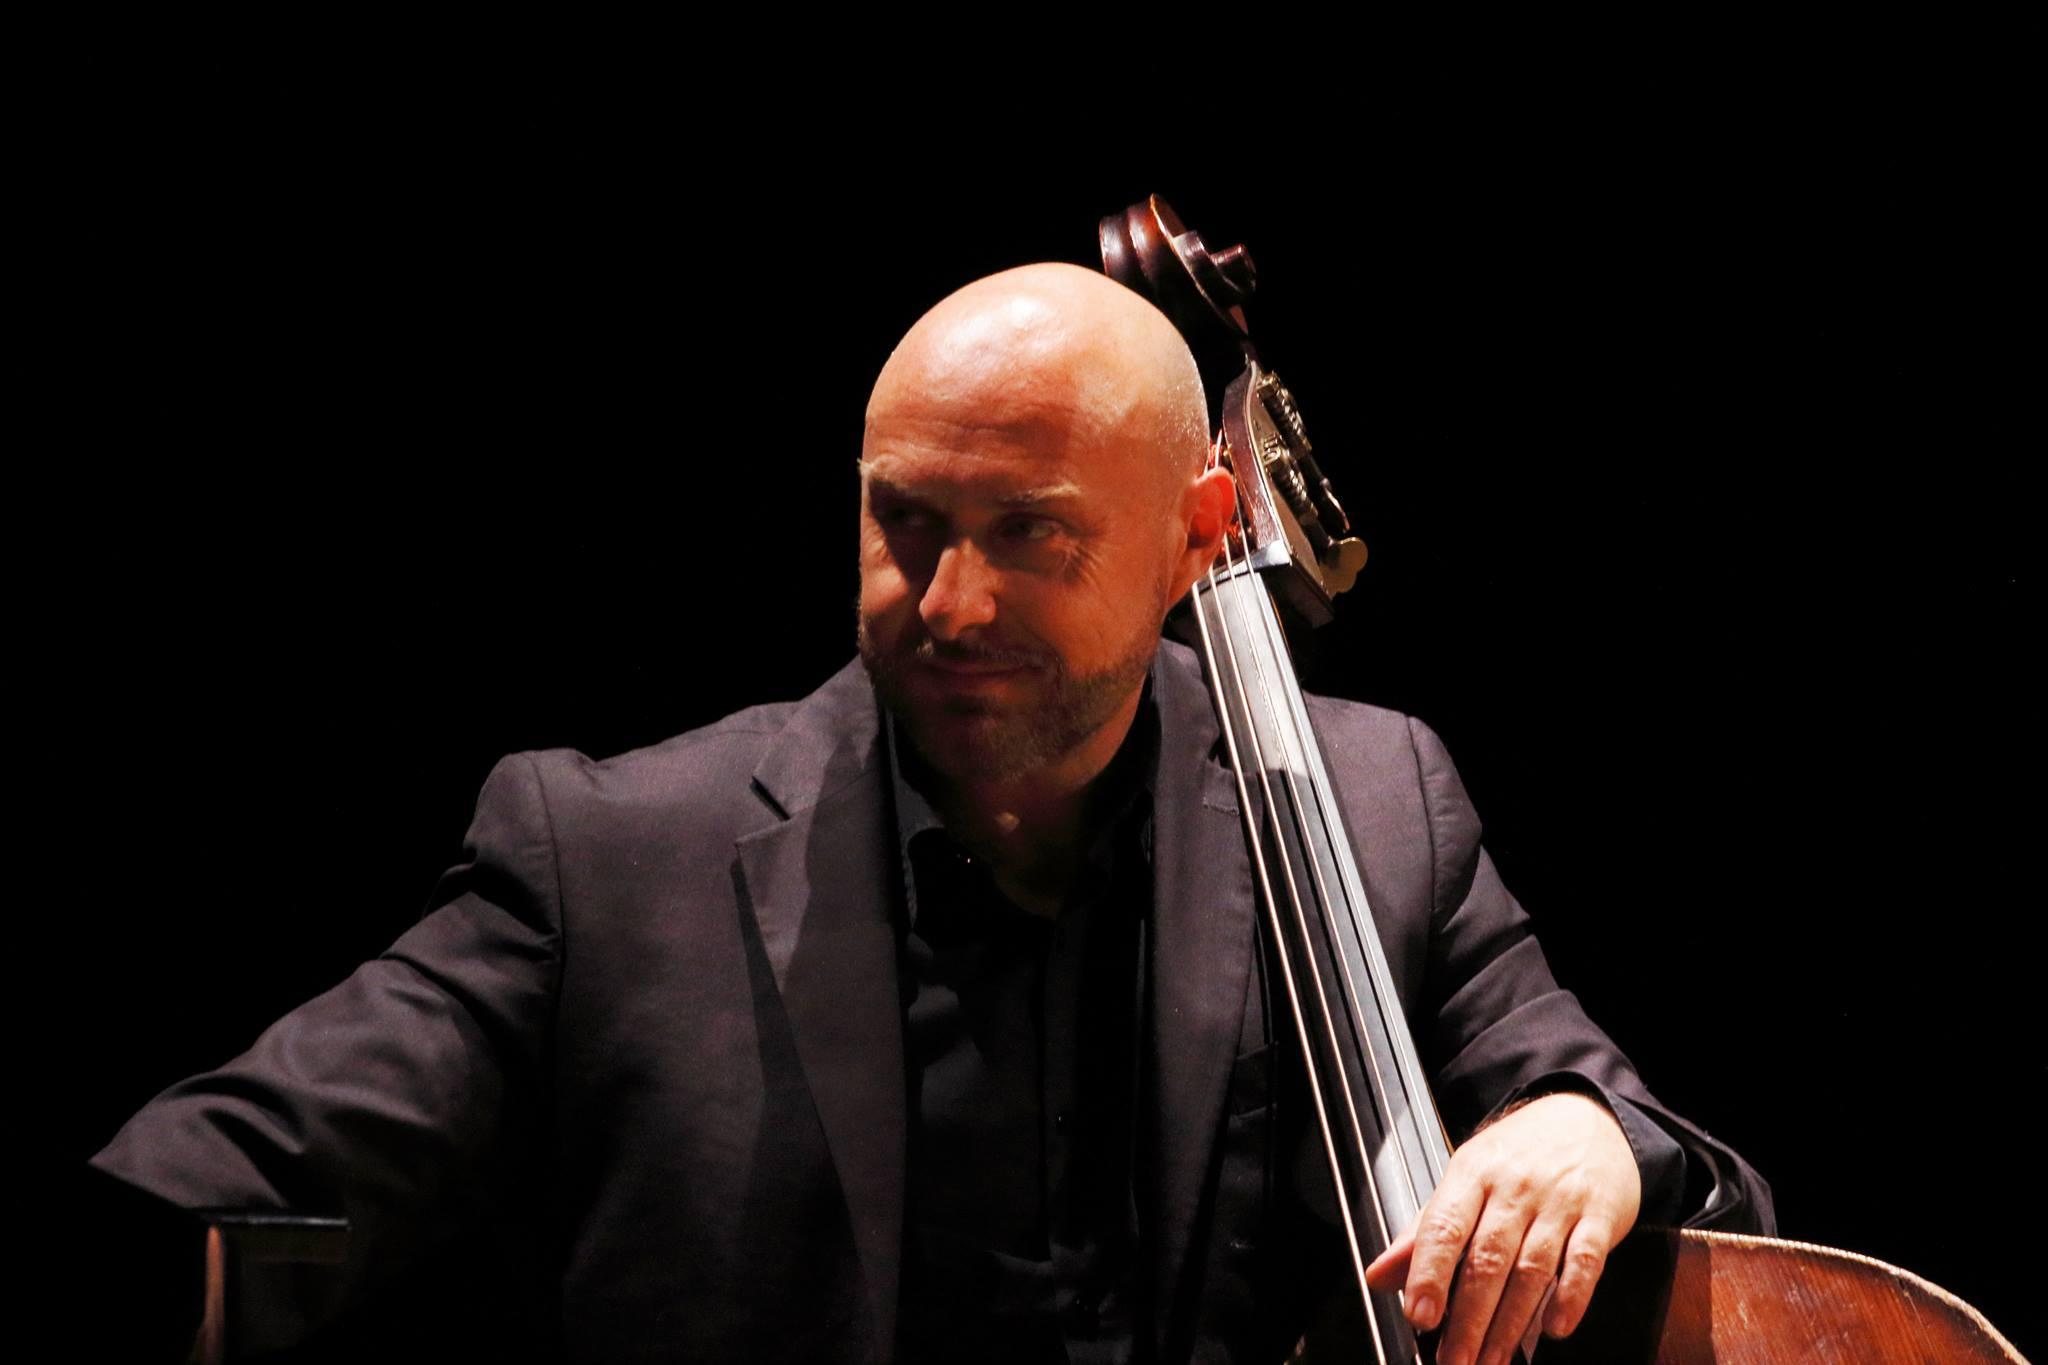 Aldo Zunino